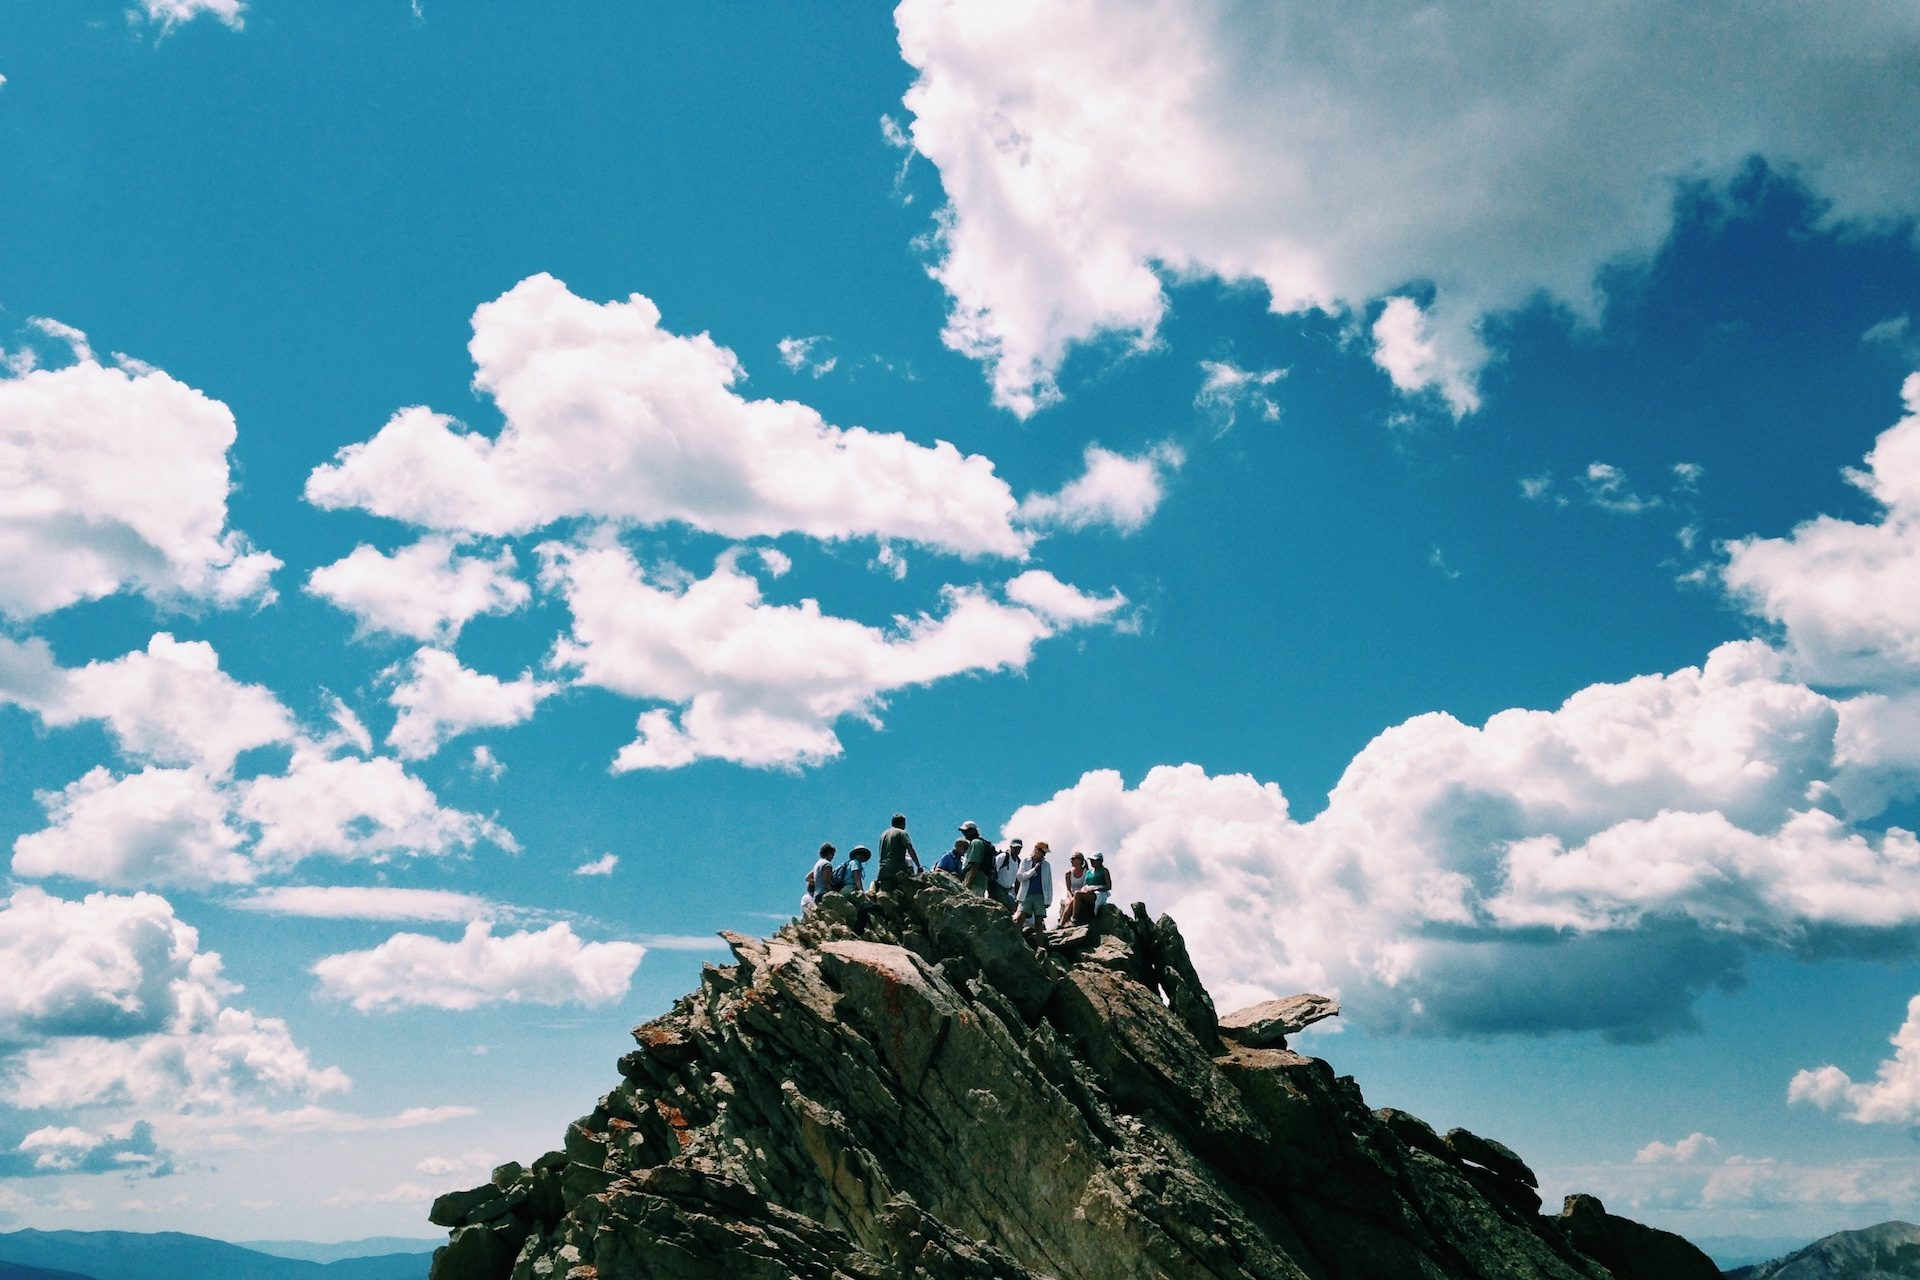 الجبل, الذروة, أعلى, personas, الشعب, السحب., السماء, ارتفاع - خلفيات عالية الدقة - أستاذ falken.com